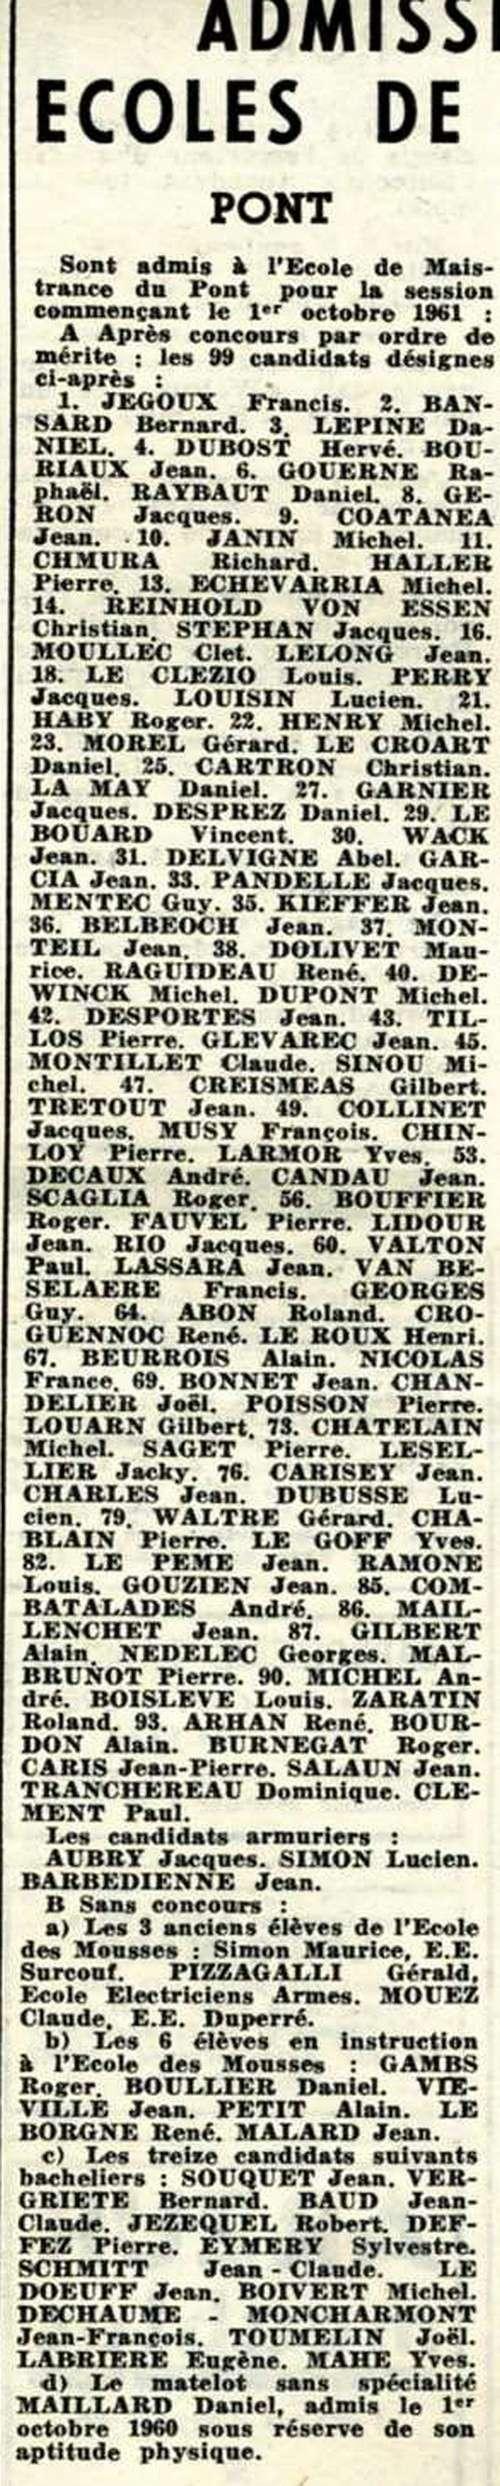 [ École des Mousses ] Promotion 60/61 1ère Compagnie - Page 15 Admiti10